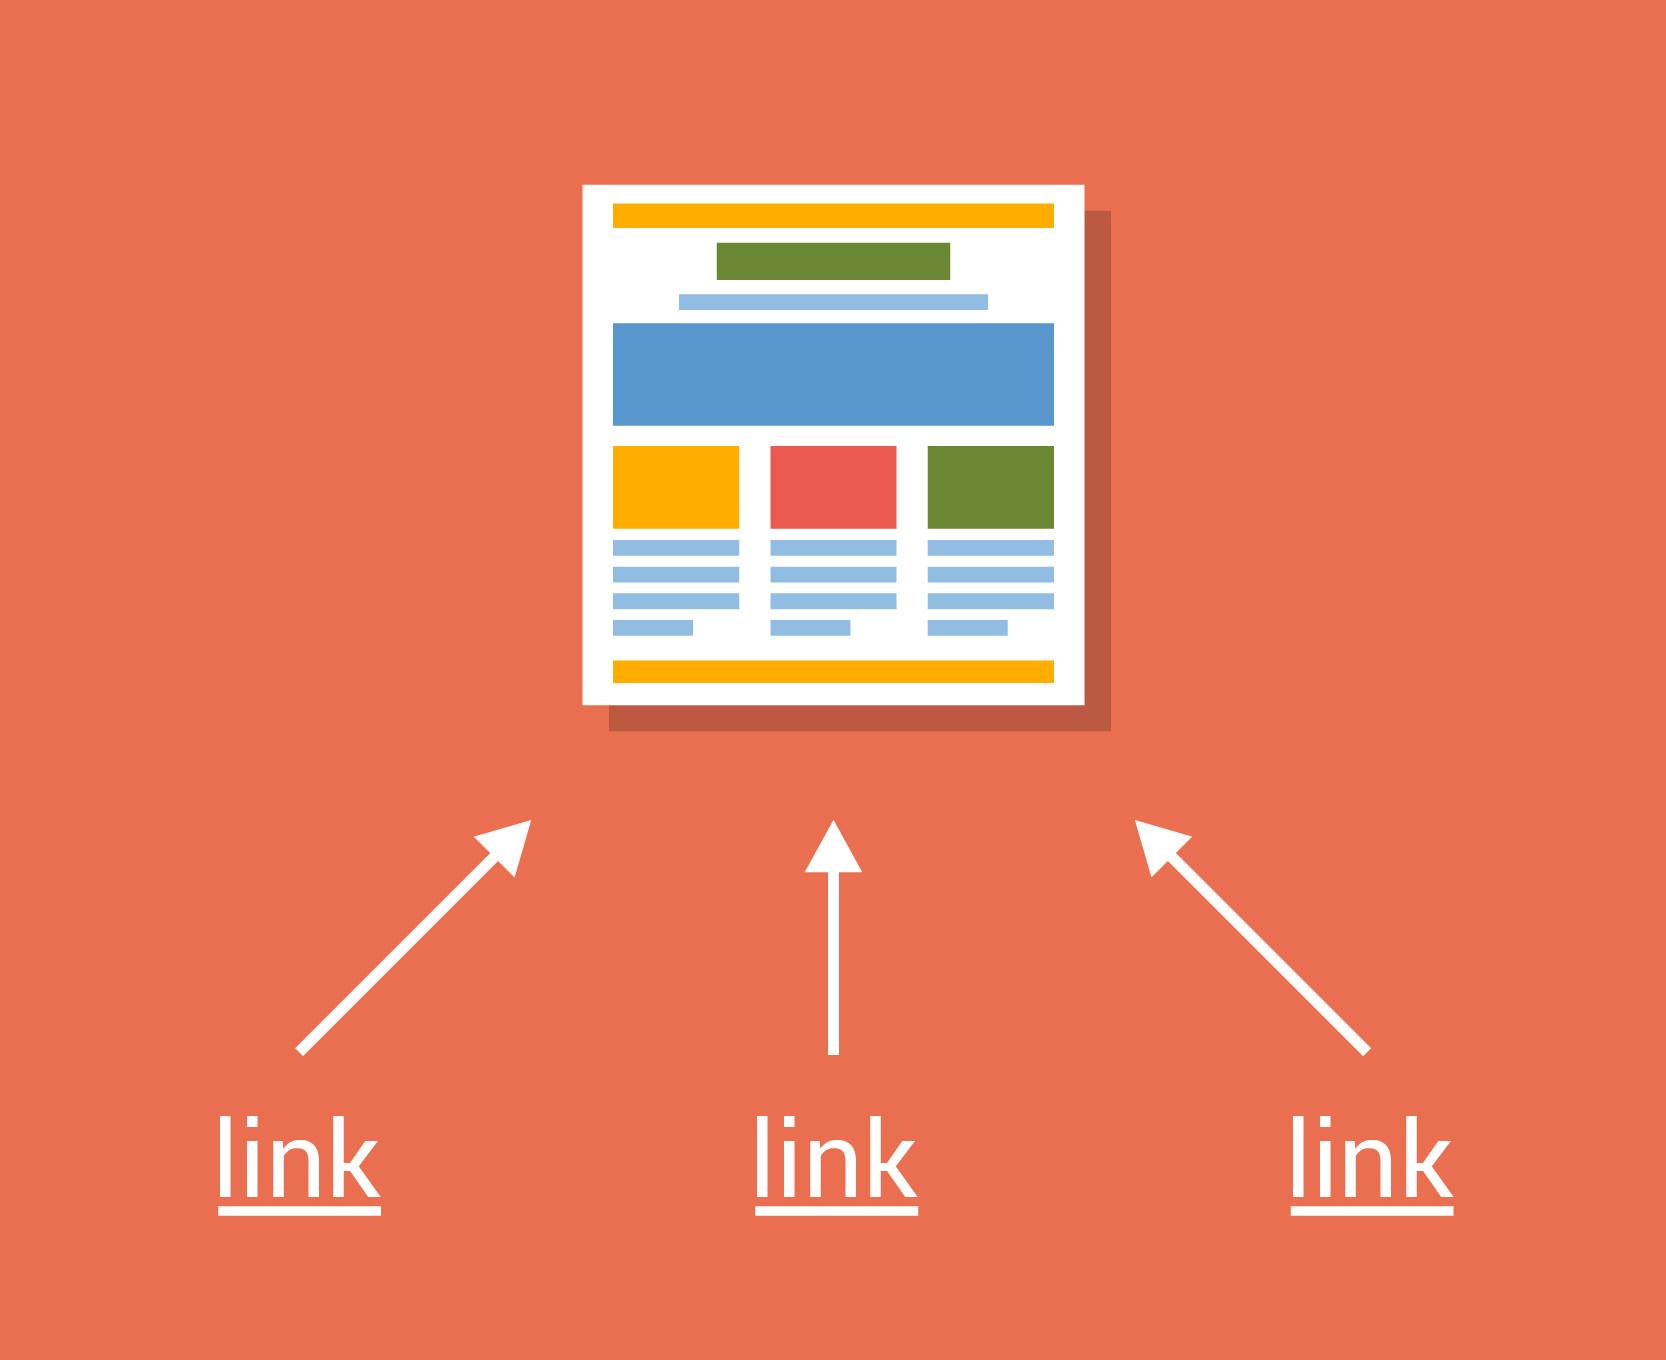 encurtador de link e redireciomento wordpress plugin blog link personalziado